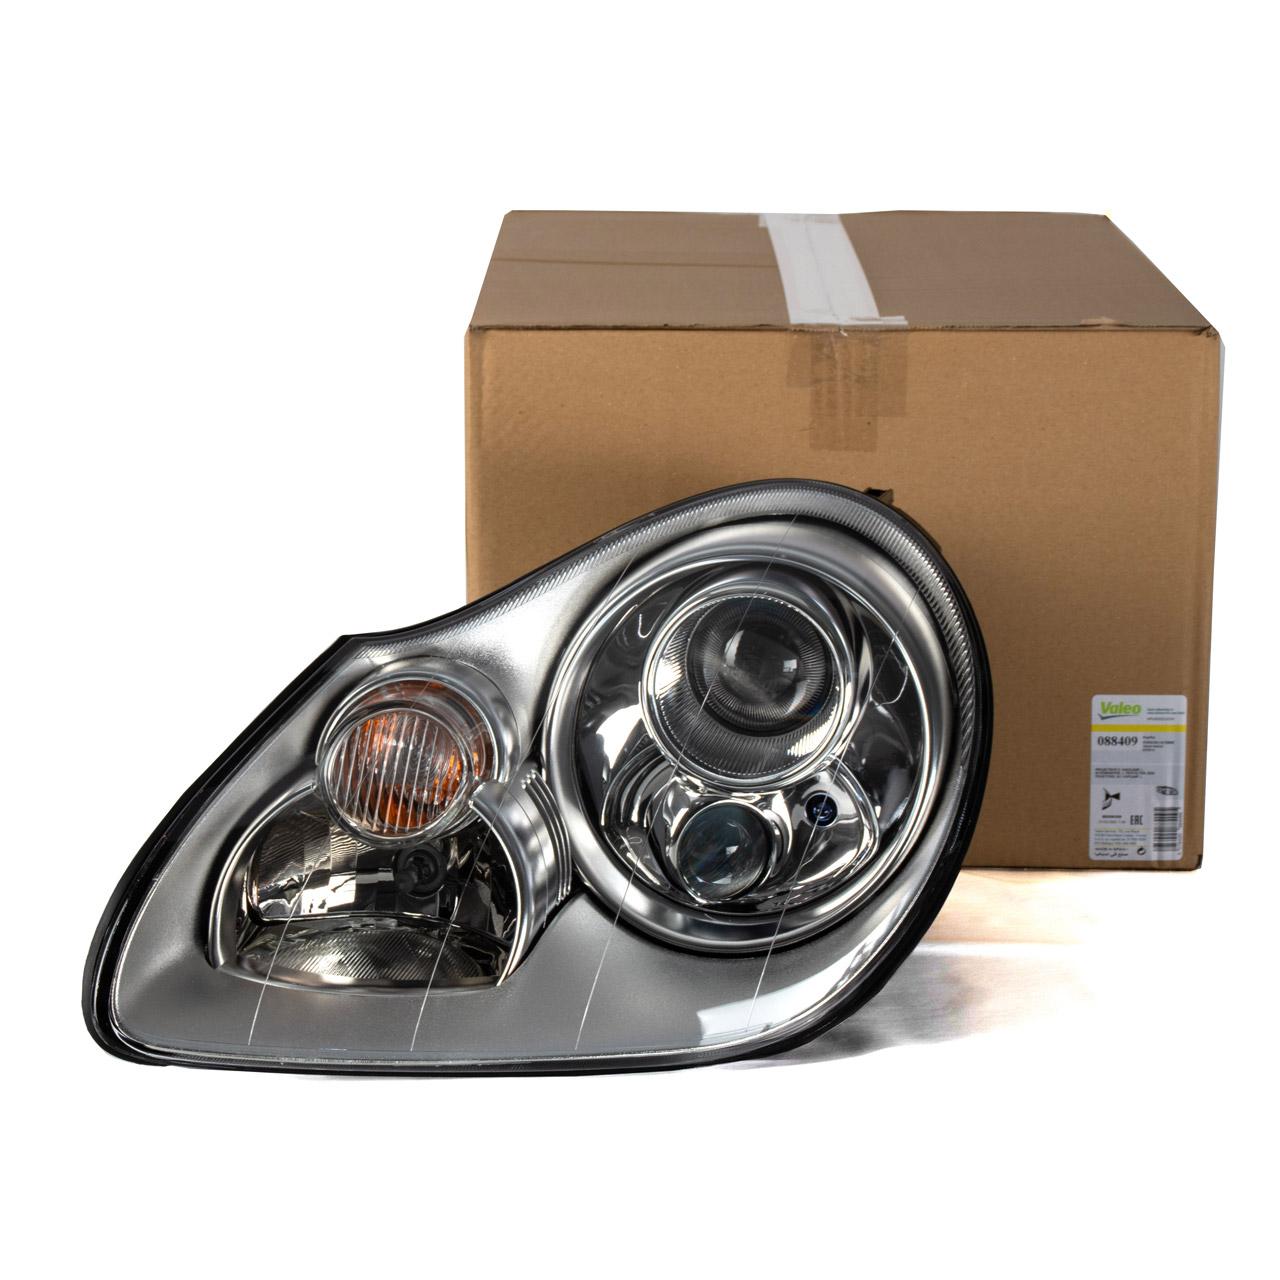 VALEO Hauptscheinwerfer BI-XENON für PORSCHE Cayenne 9PA links 95563115731